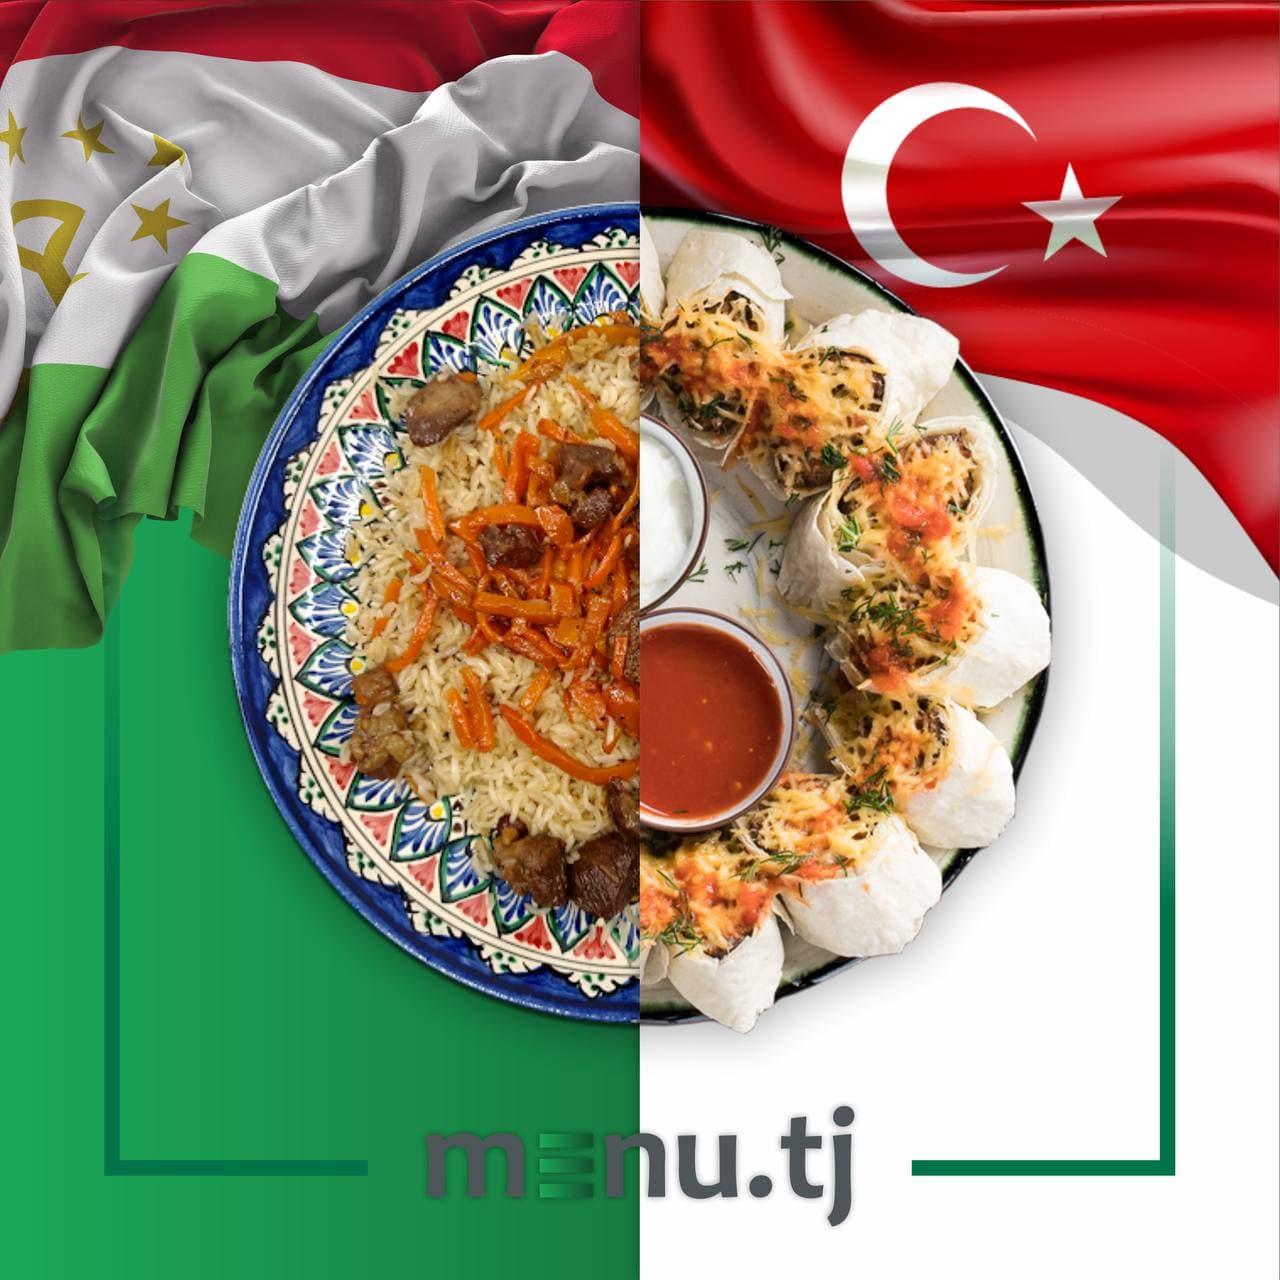 турецкая кухня захватывает таджикистан